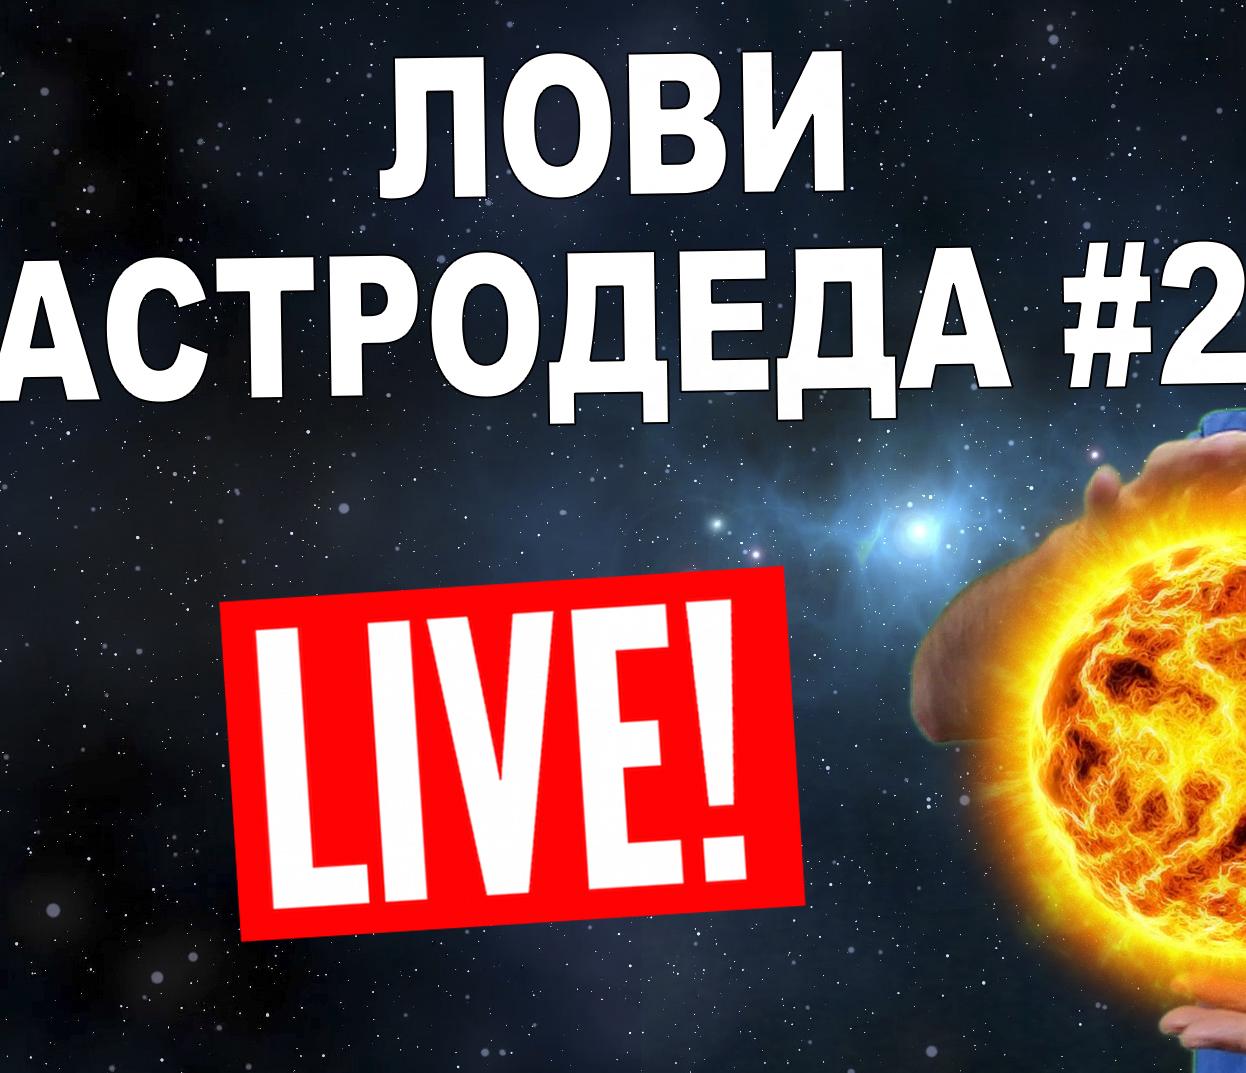 Астрономия, астродед, наука, космос, Лови Астродеда #2